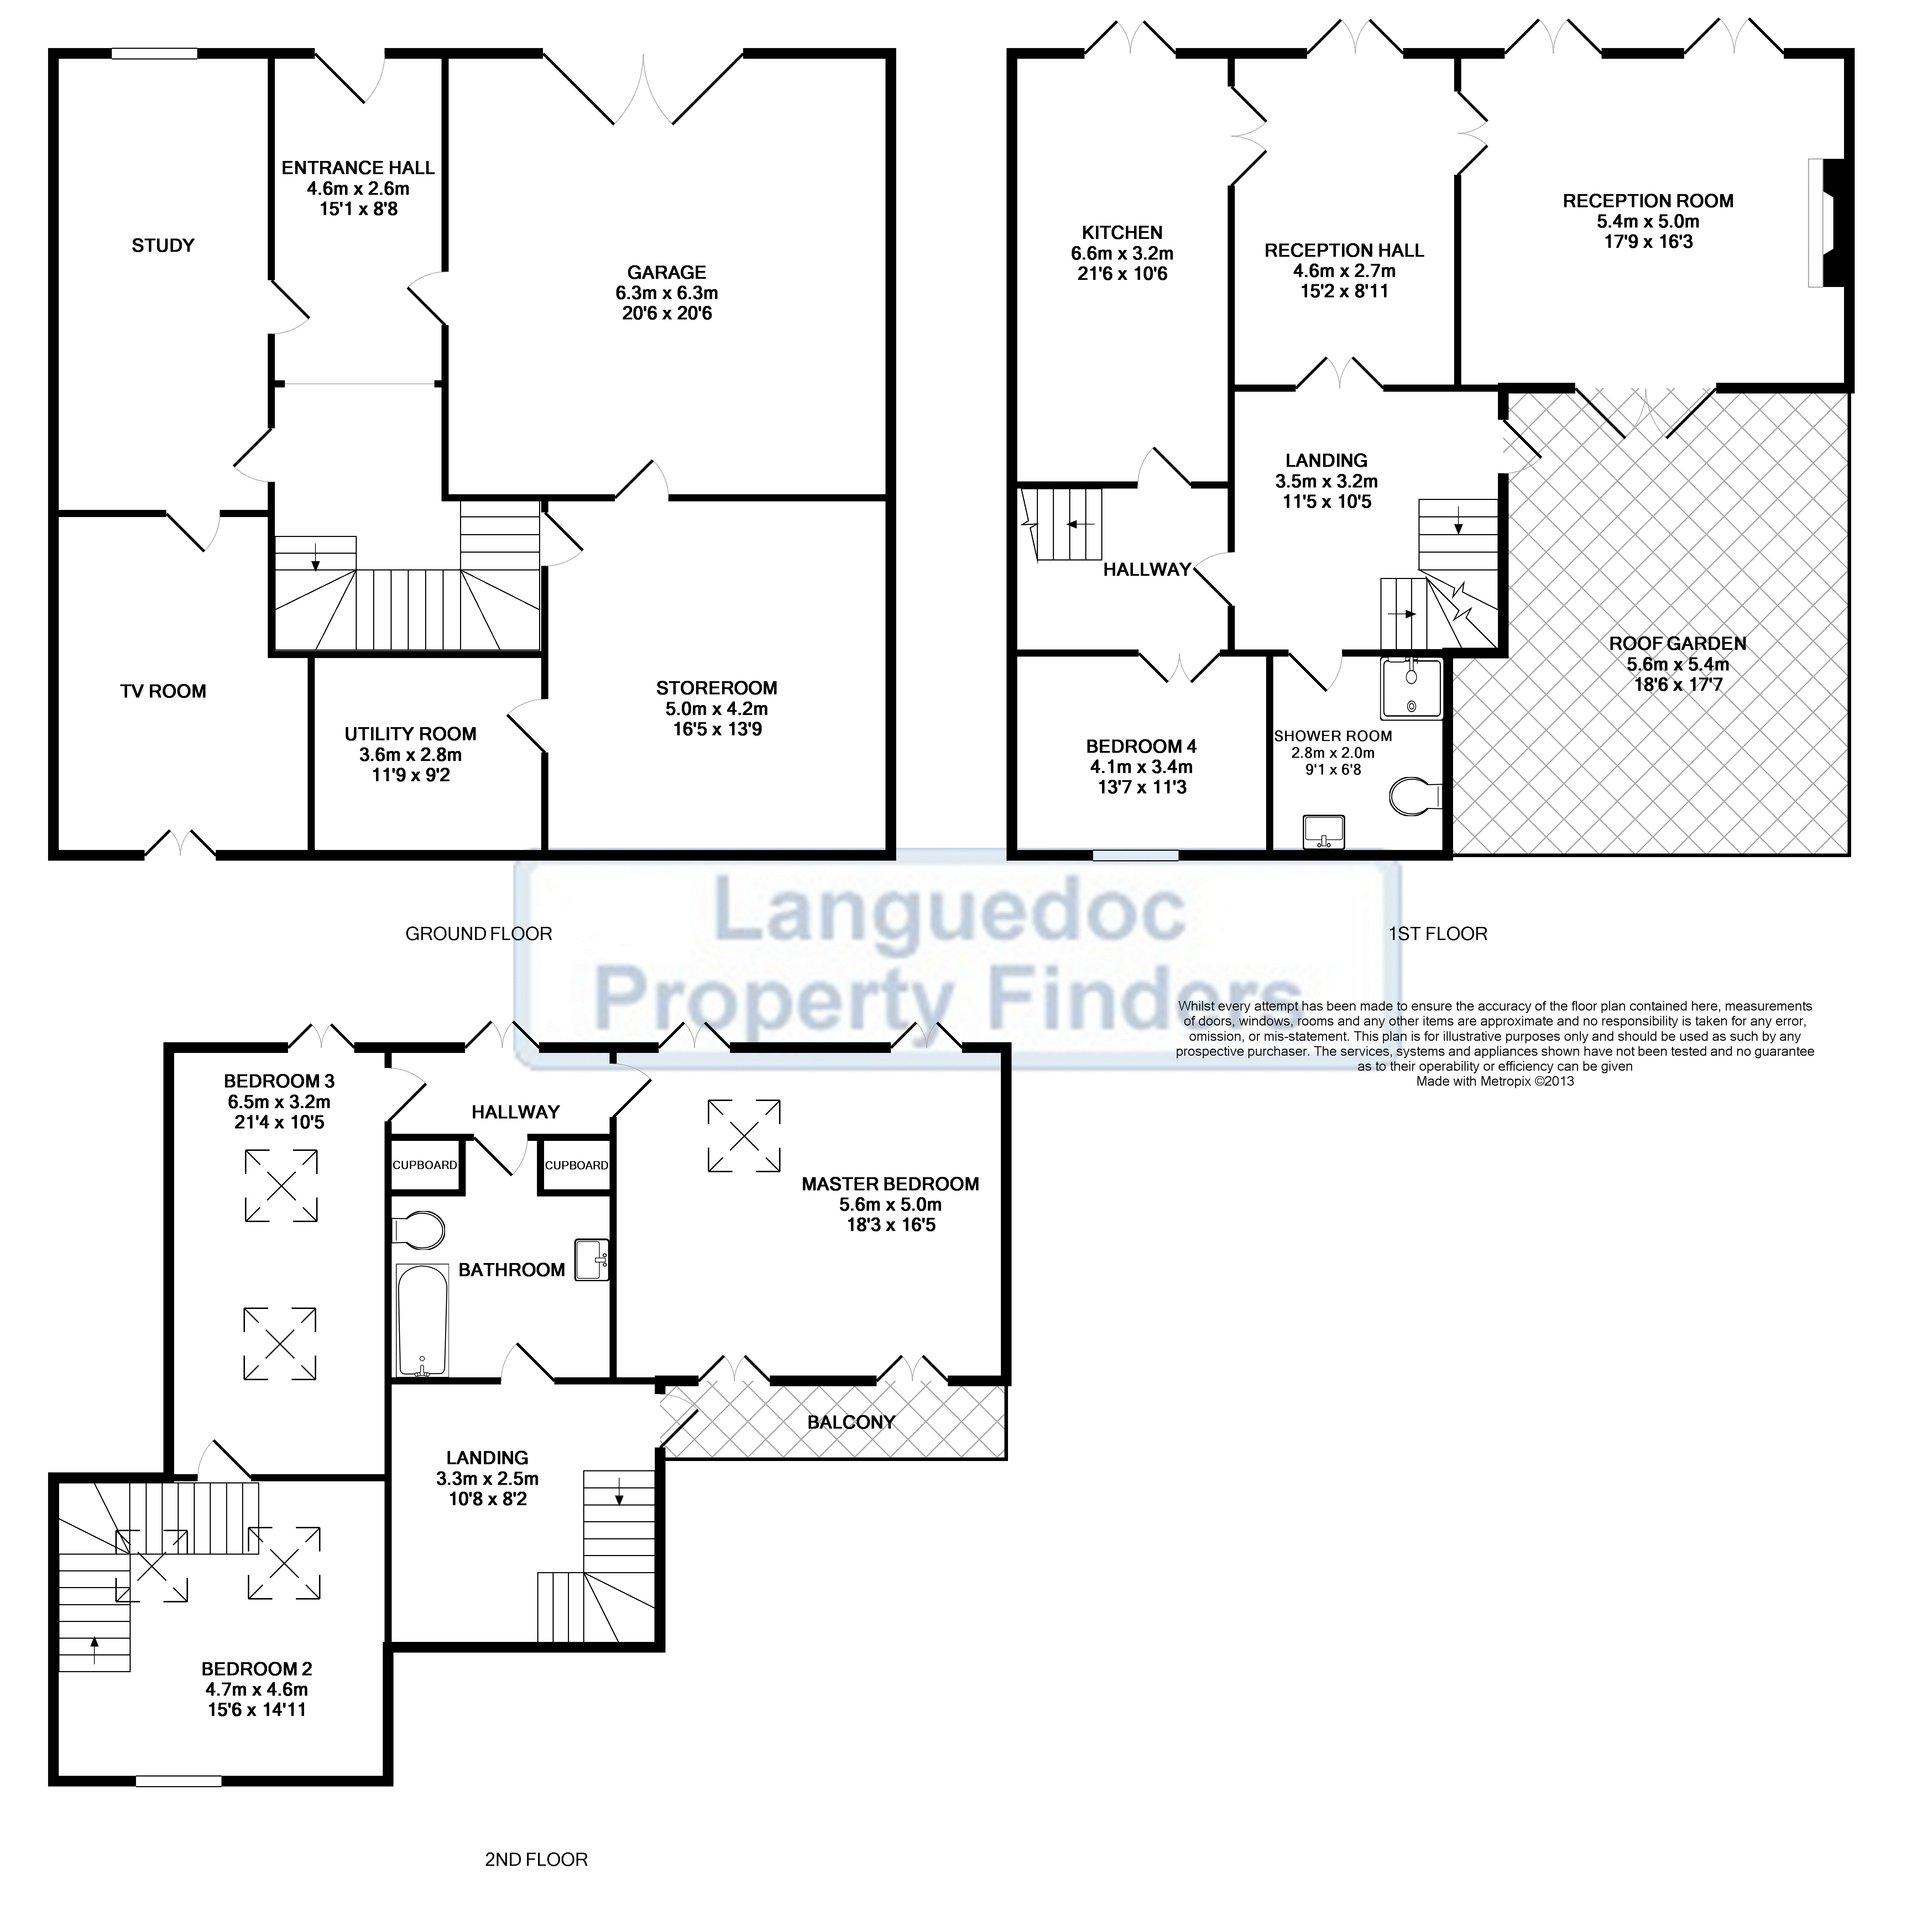 Ett stort och vackert byhus hus med massor av karaktär och en fantastisk innergård på 30 m2 samt ett garage.